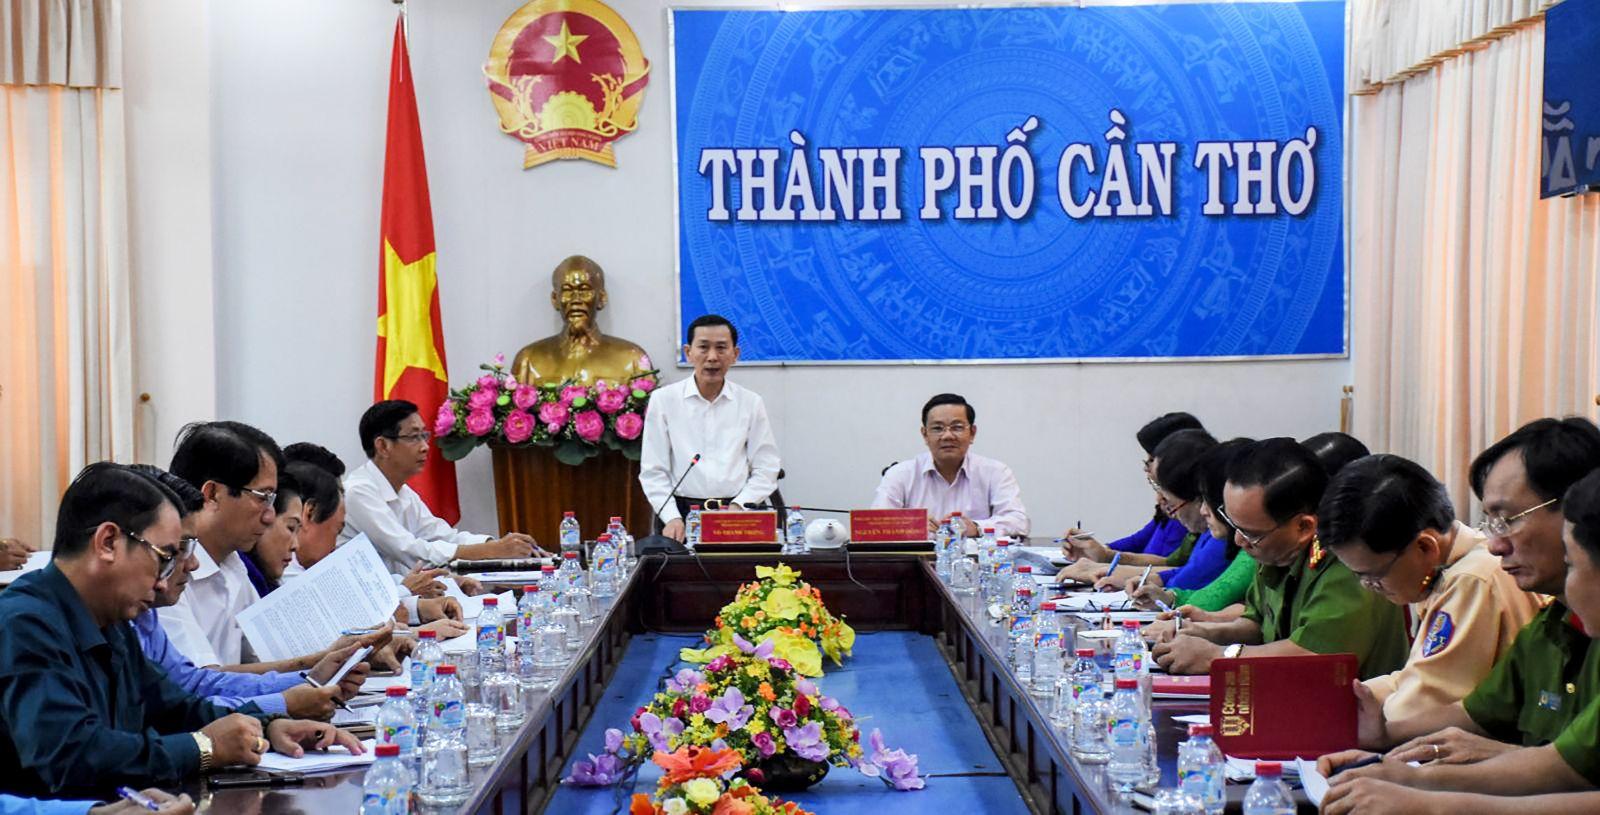 Đồng chí Võ Thành Thống, Chủ tịch UBND TP Cần Thơ, Trưởng Ban ATGT thành phố nhấn mạnh cần tăng cường thực hiện các giải pháp bảo đảm trật tự ATGT. Ảnh: XUÂN ĐÀO